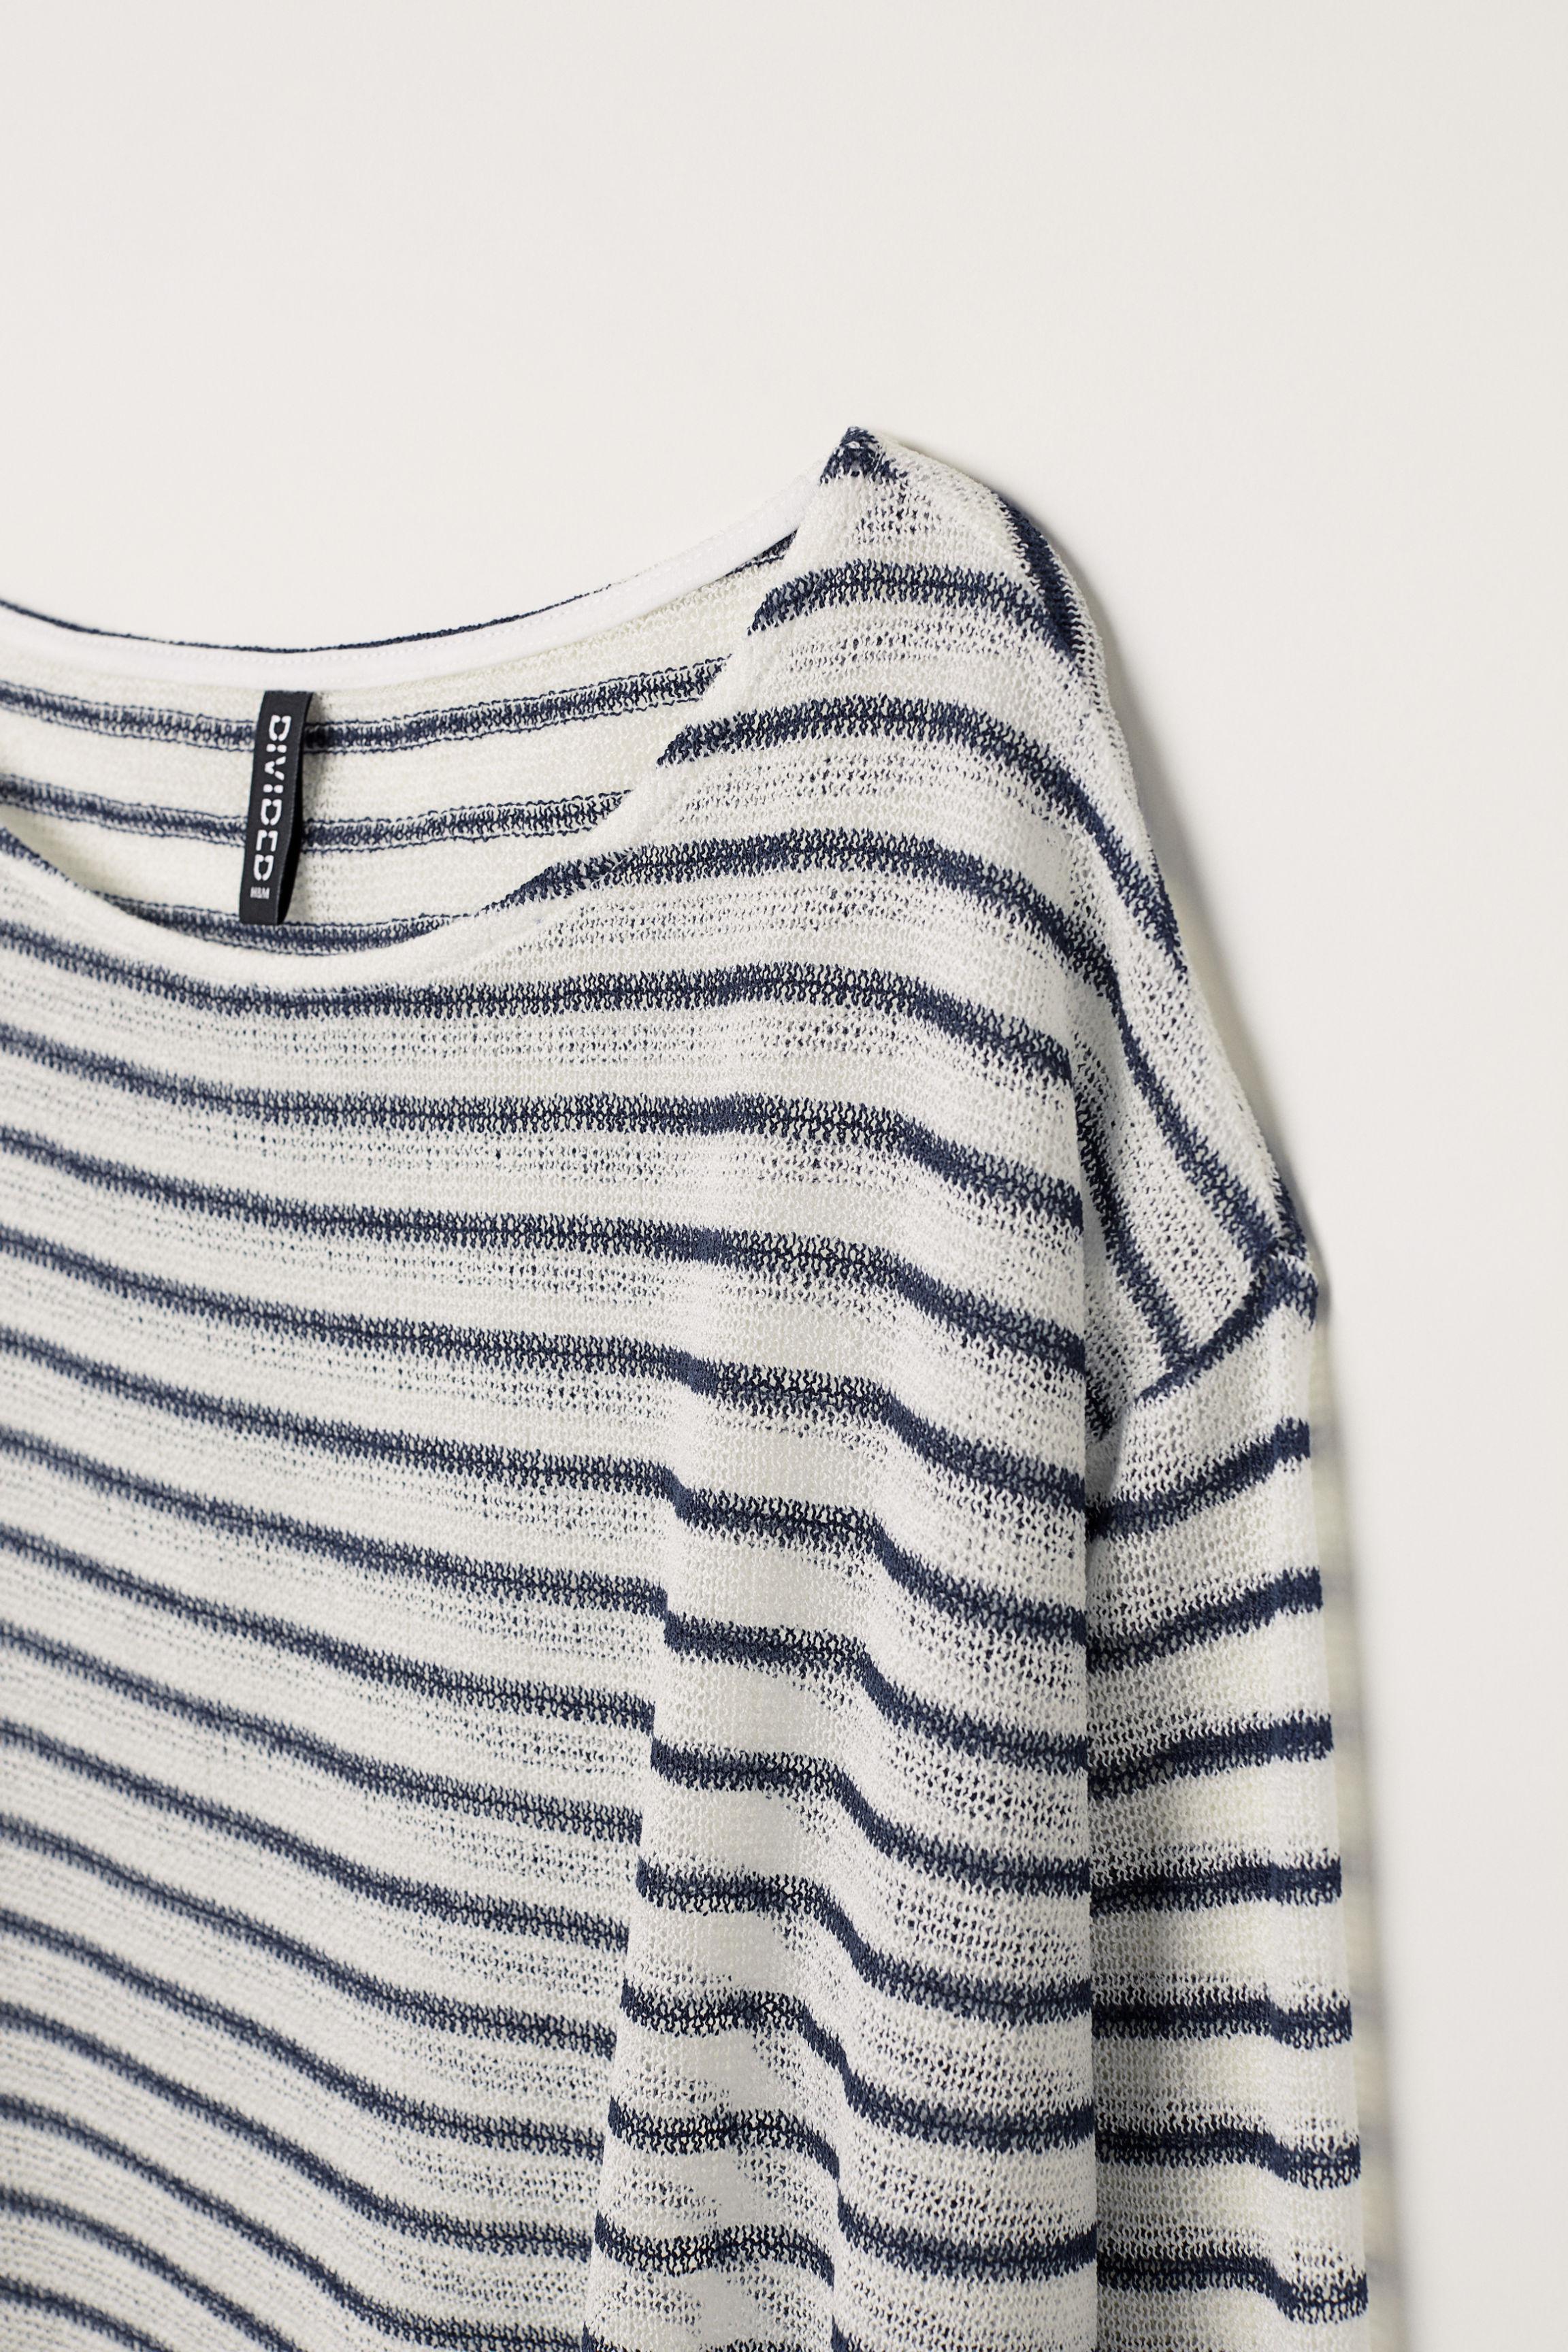 cf675e32b242 Lyst - H M Fine-knit Sweater